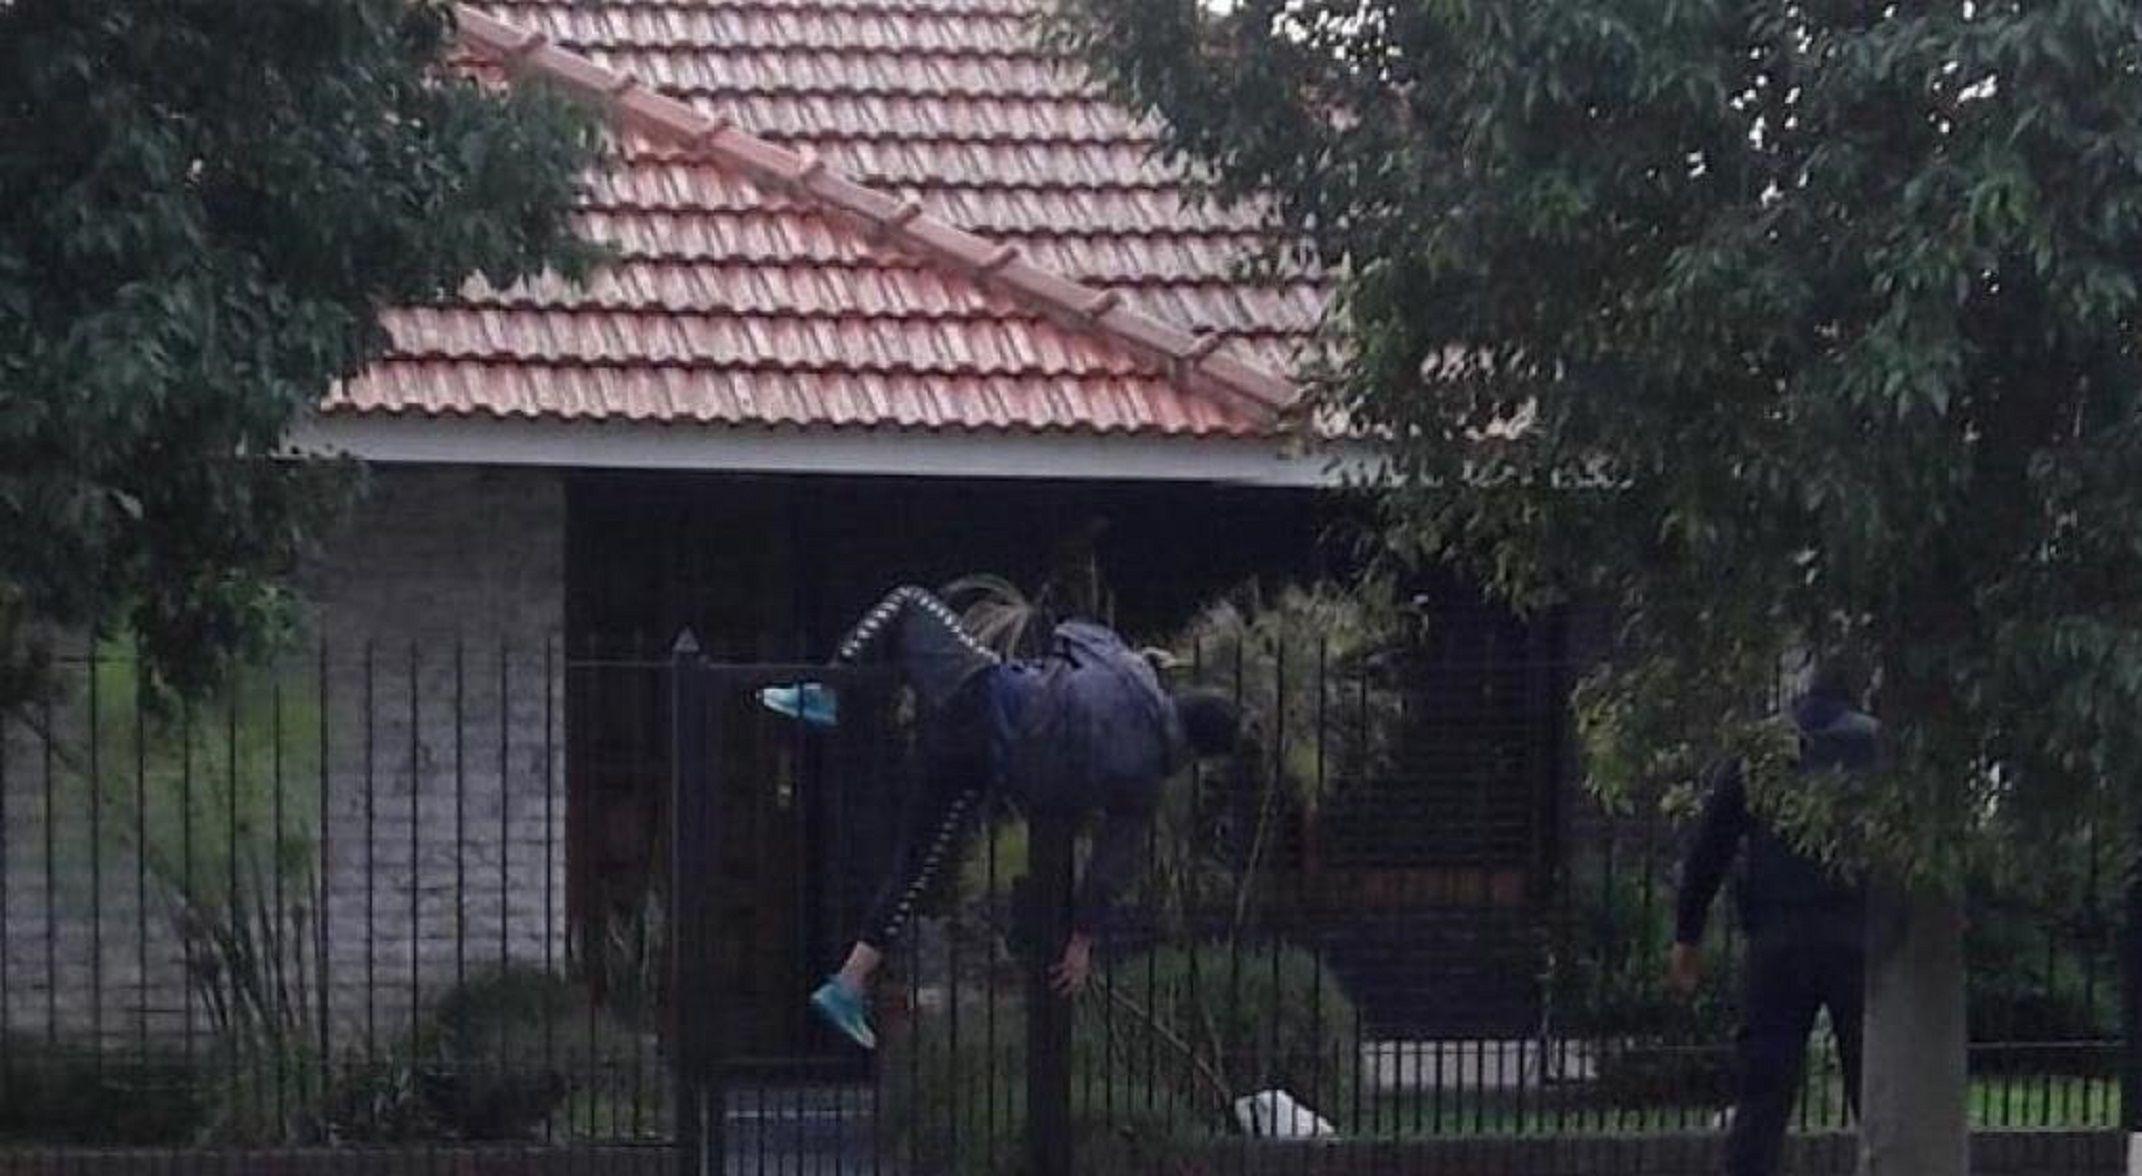 VIDEO: Quiso asaltar una casa y quedó enganchado de la reja